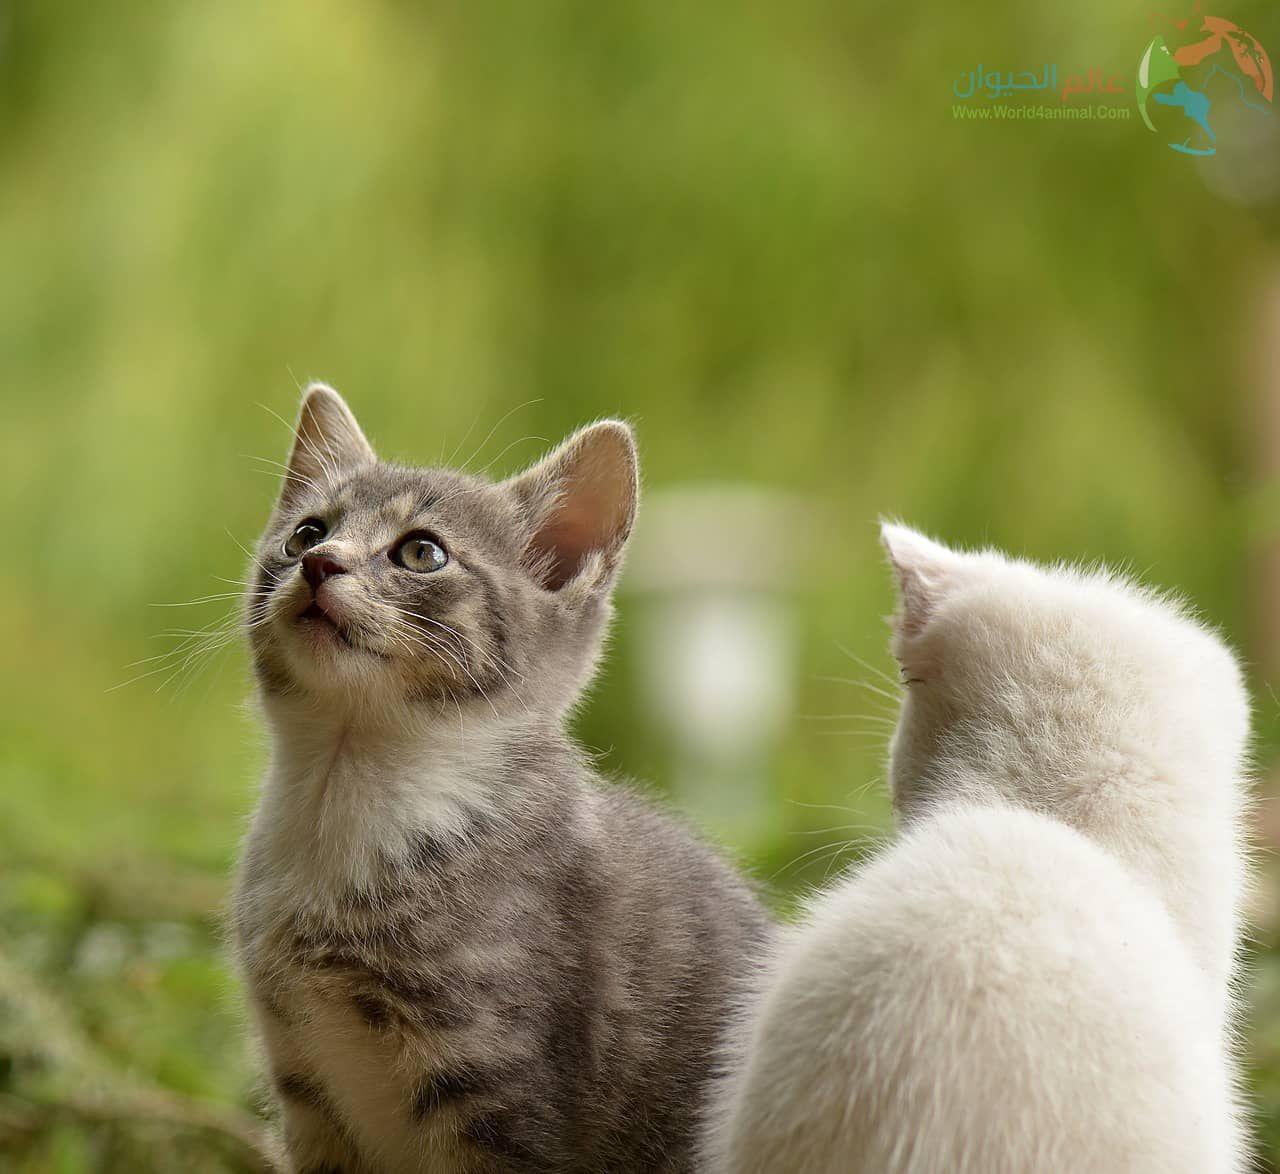 مدة وأعراض حمل القطط الشيرازي Cat Meowing At Night Cat Lovers Cat Pics